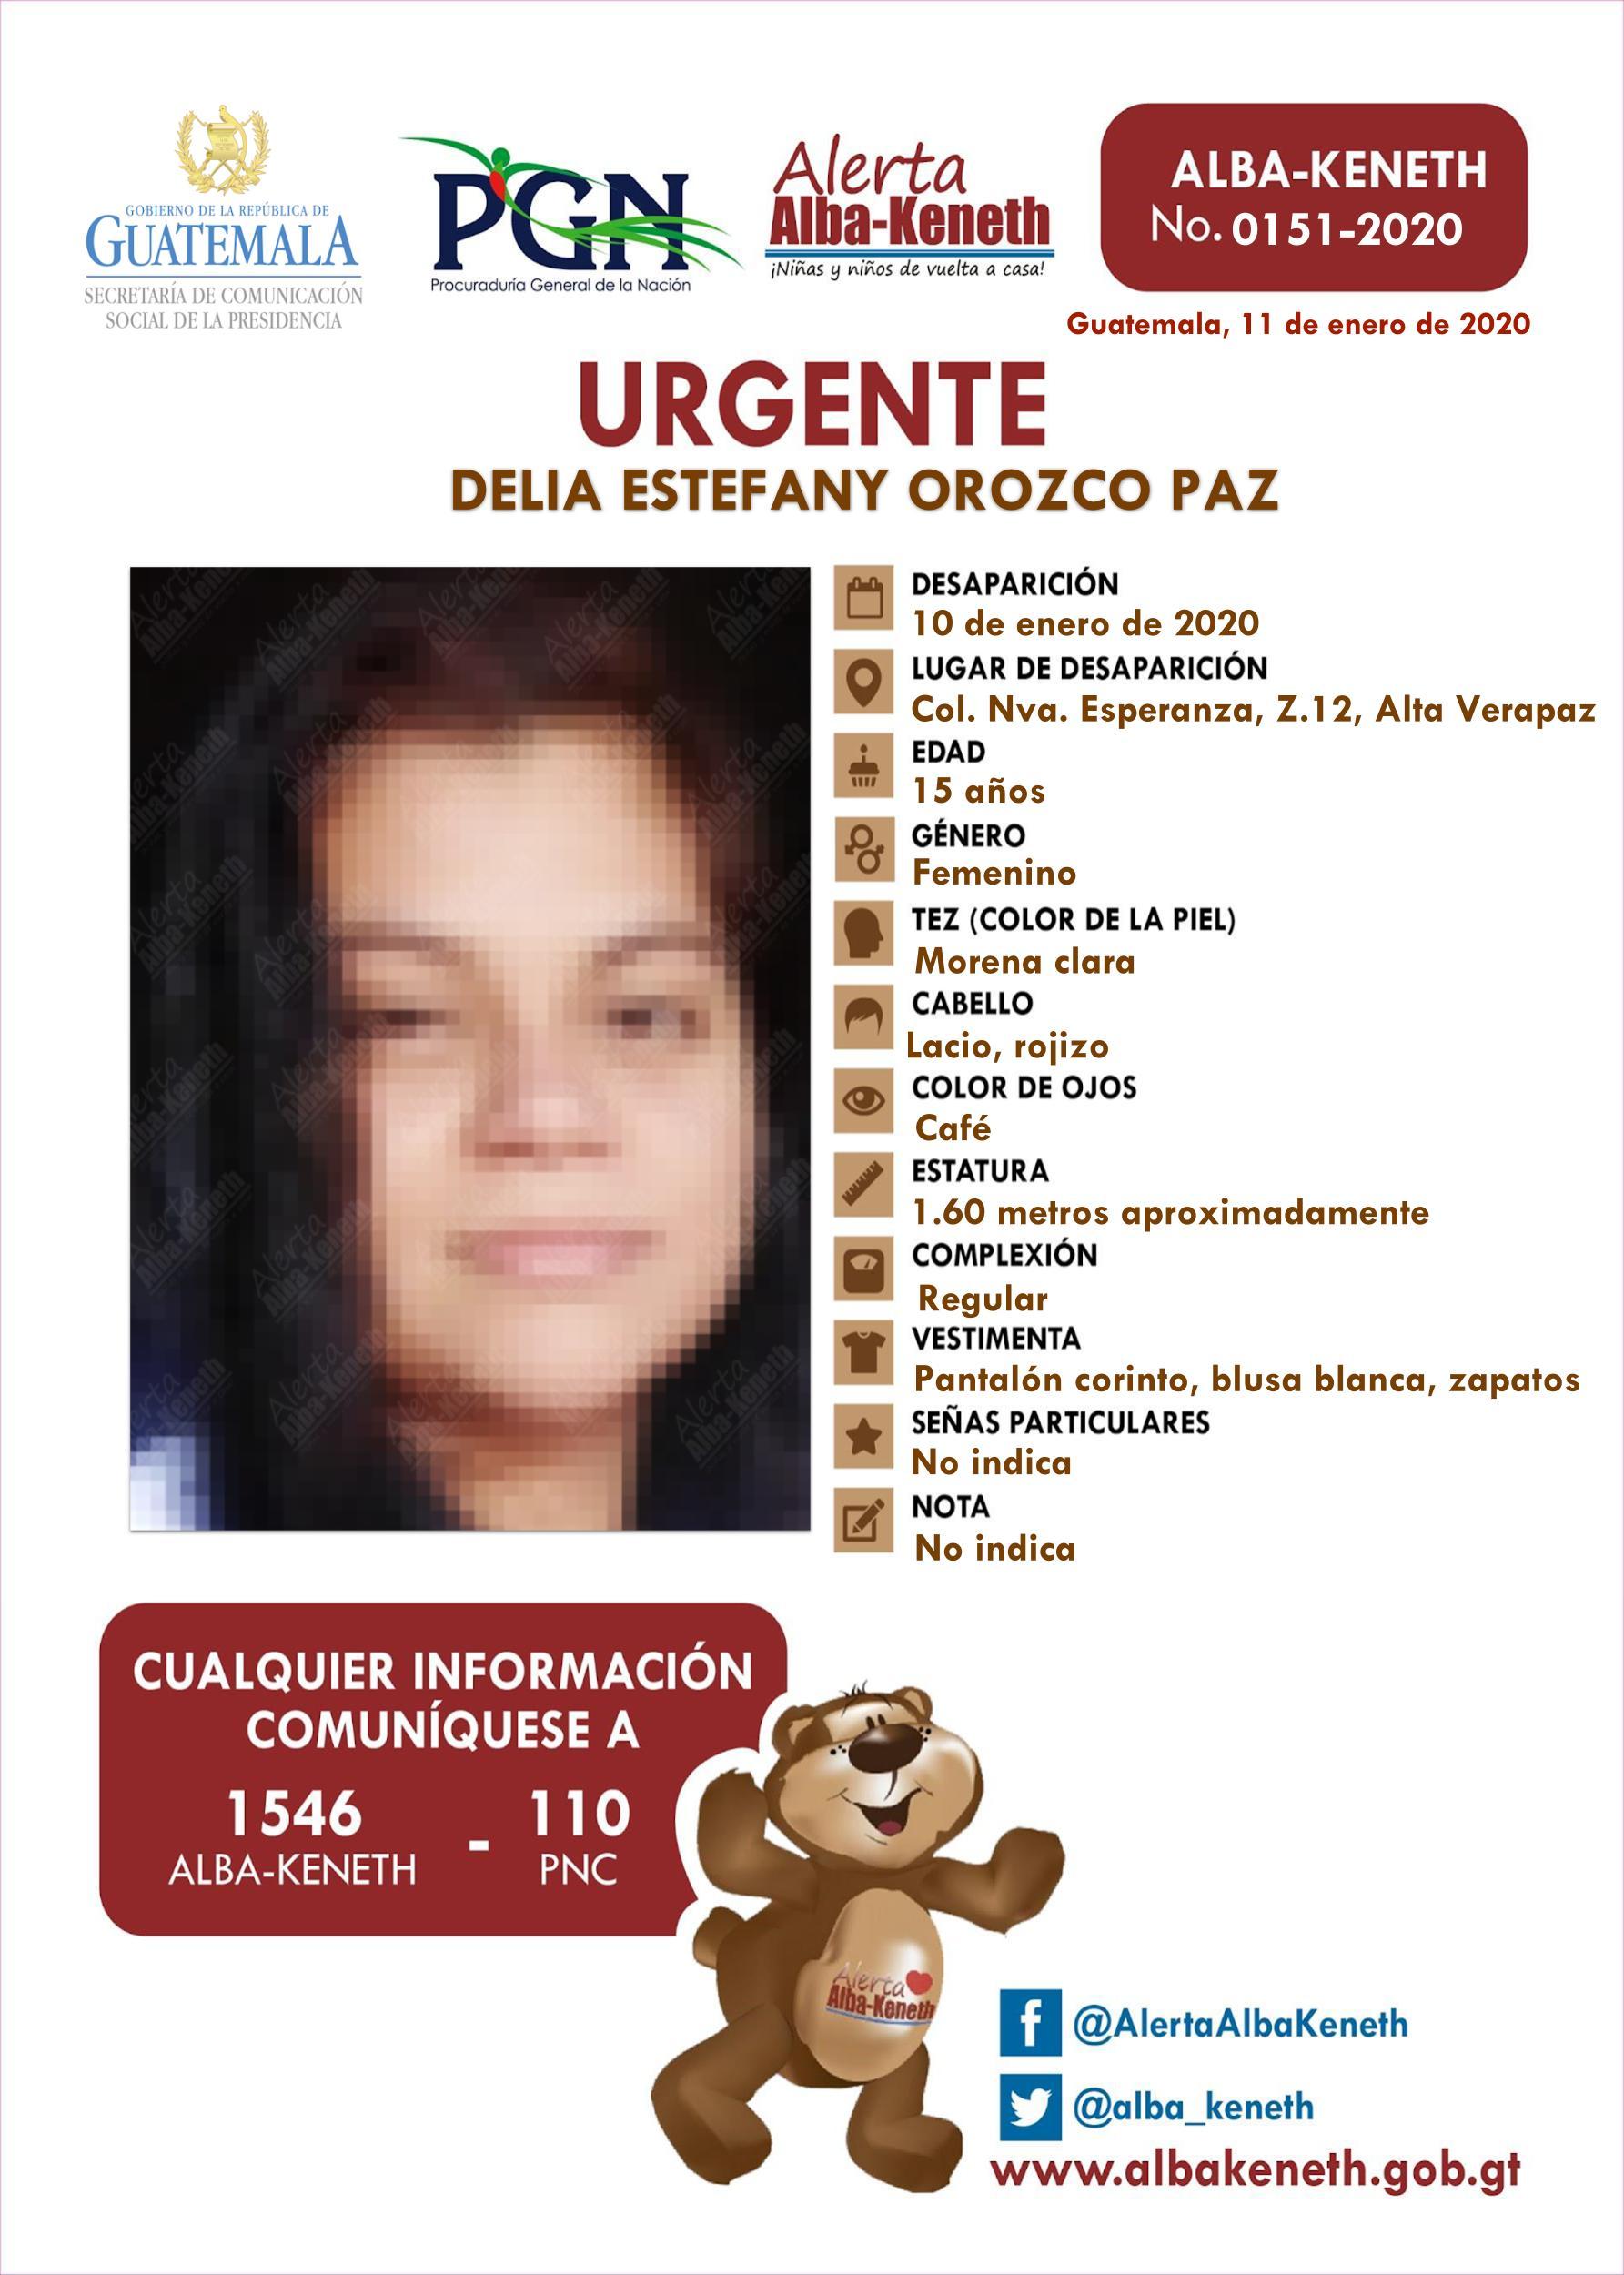 Delia Estefany Orozco Paz